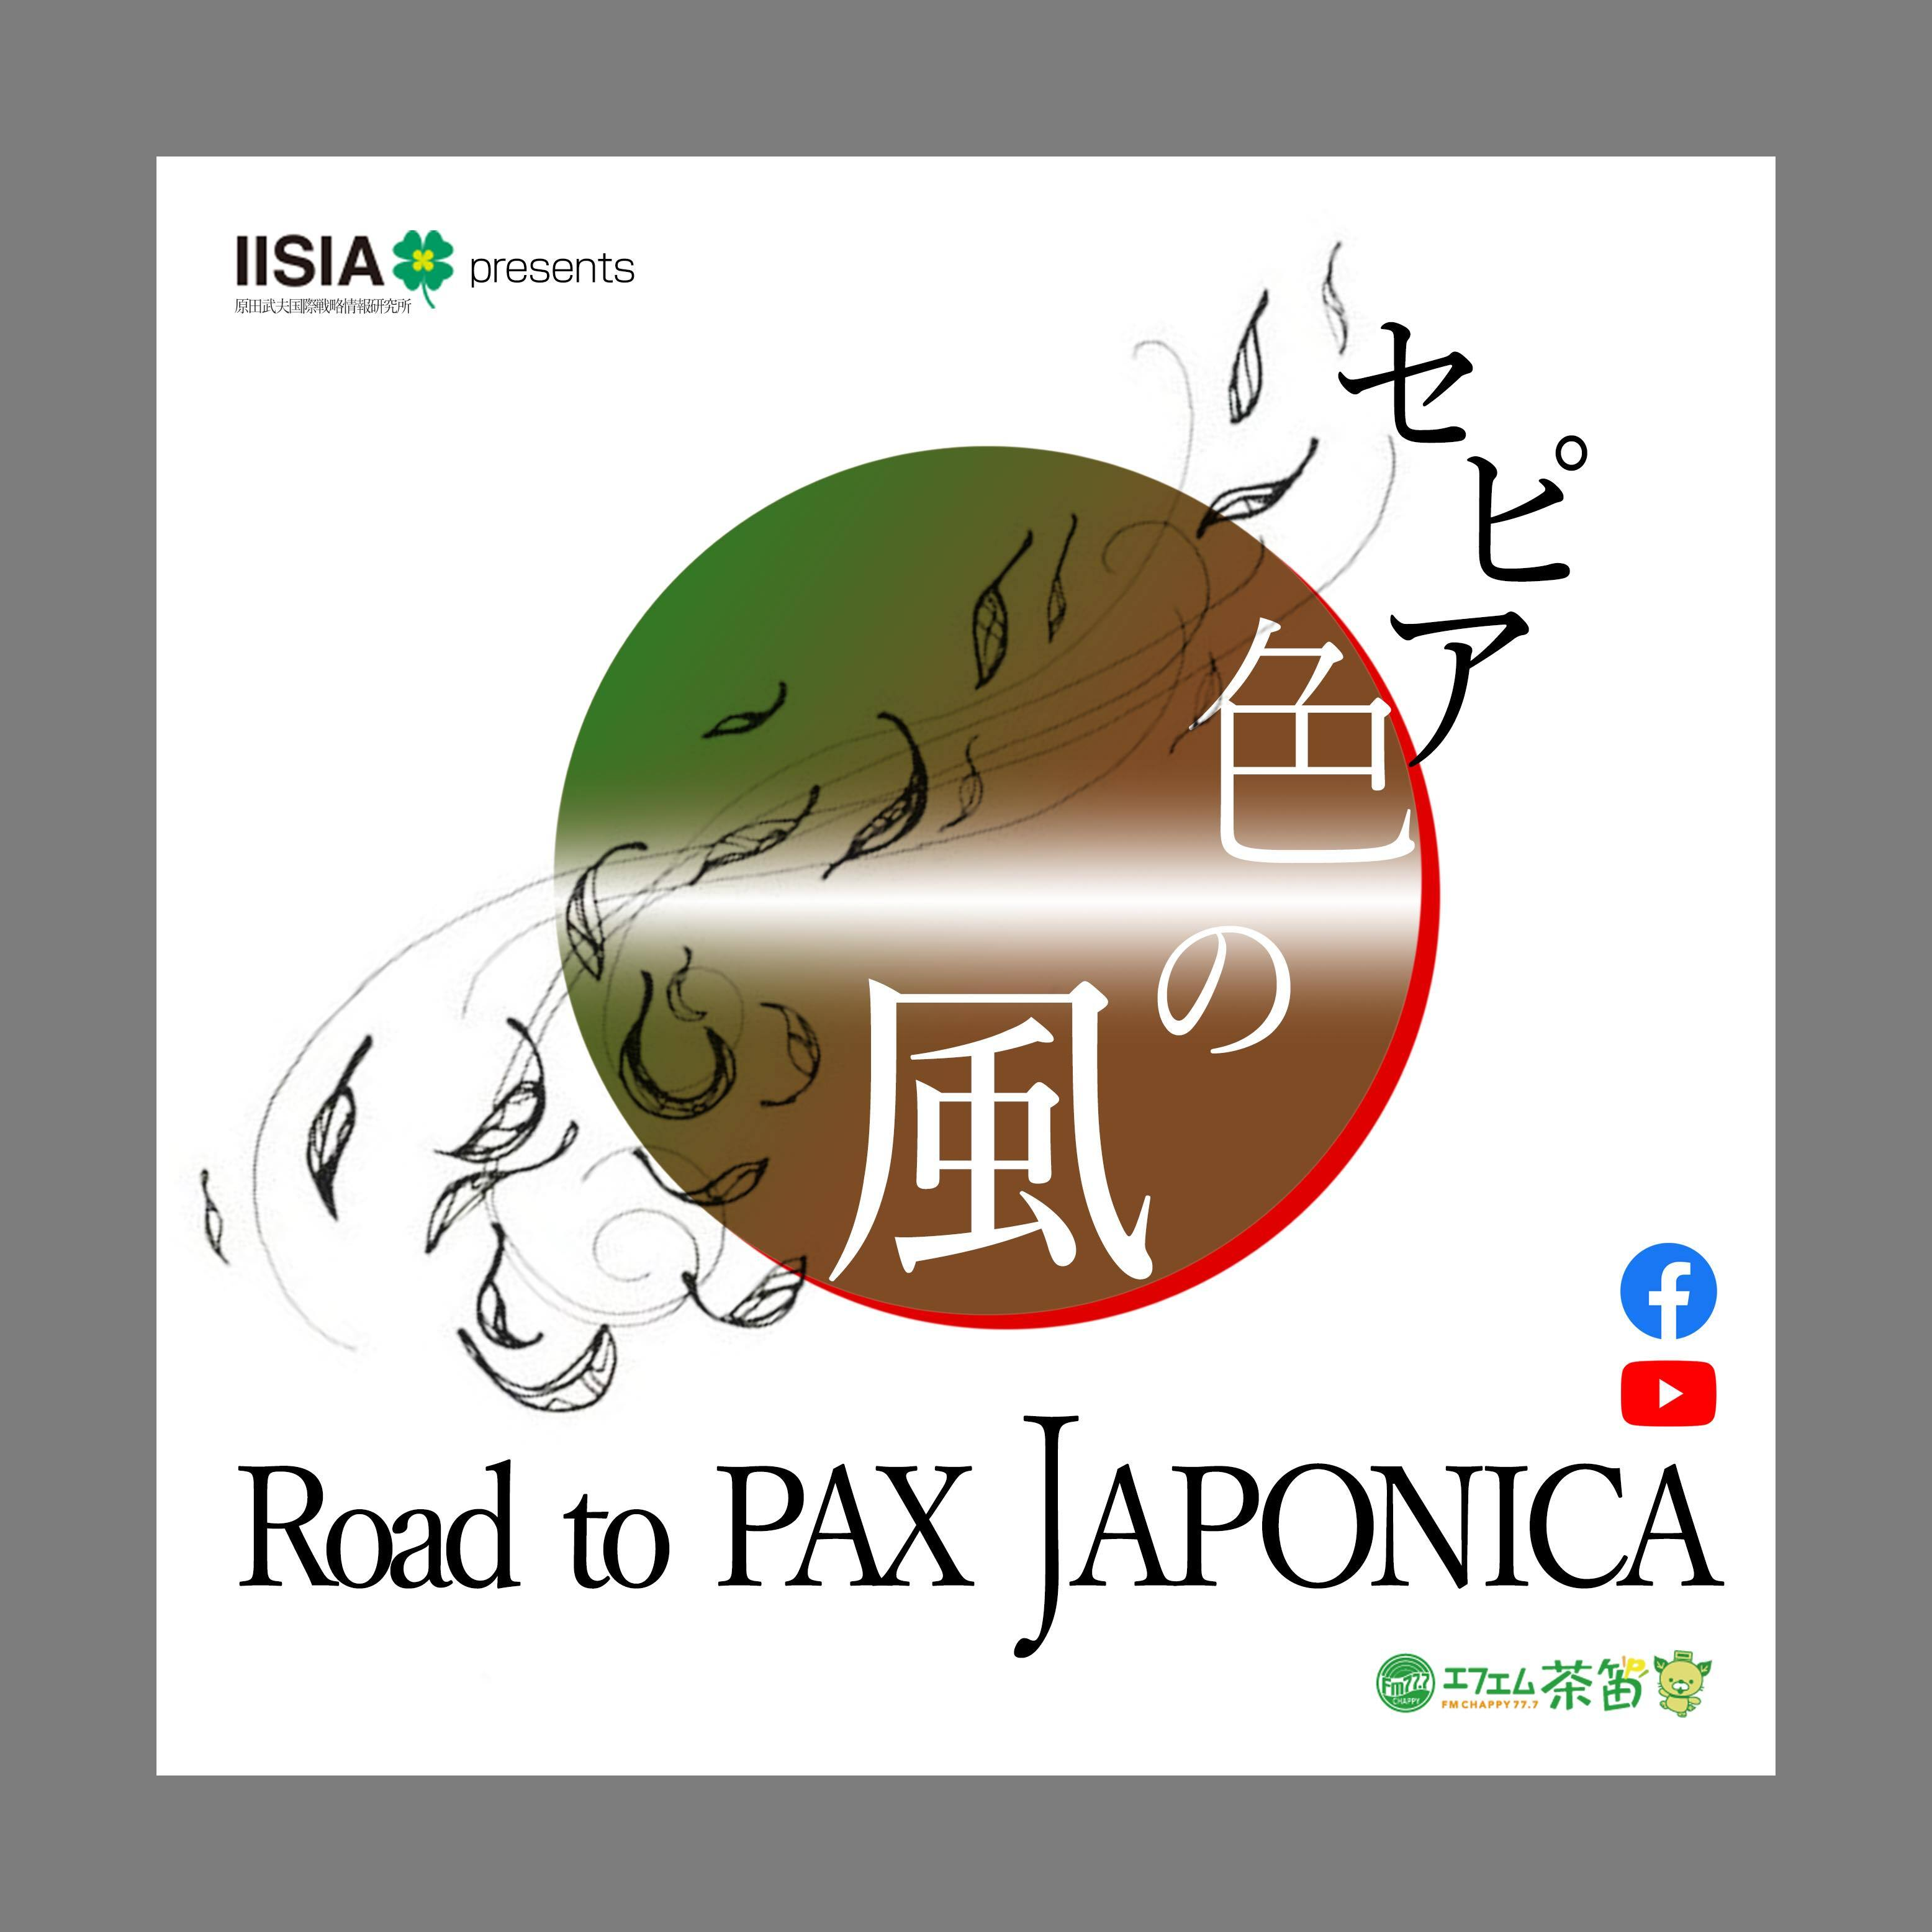 原田武夫国際戦略情報研究所(IISIA)が初の冠ラジオ番組『IISIA ...